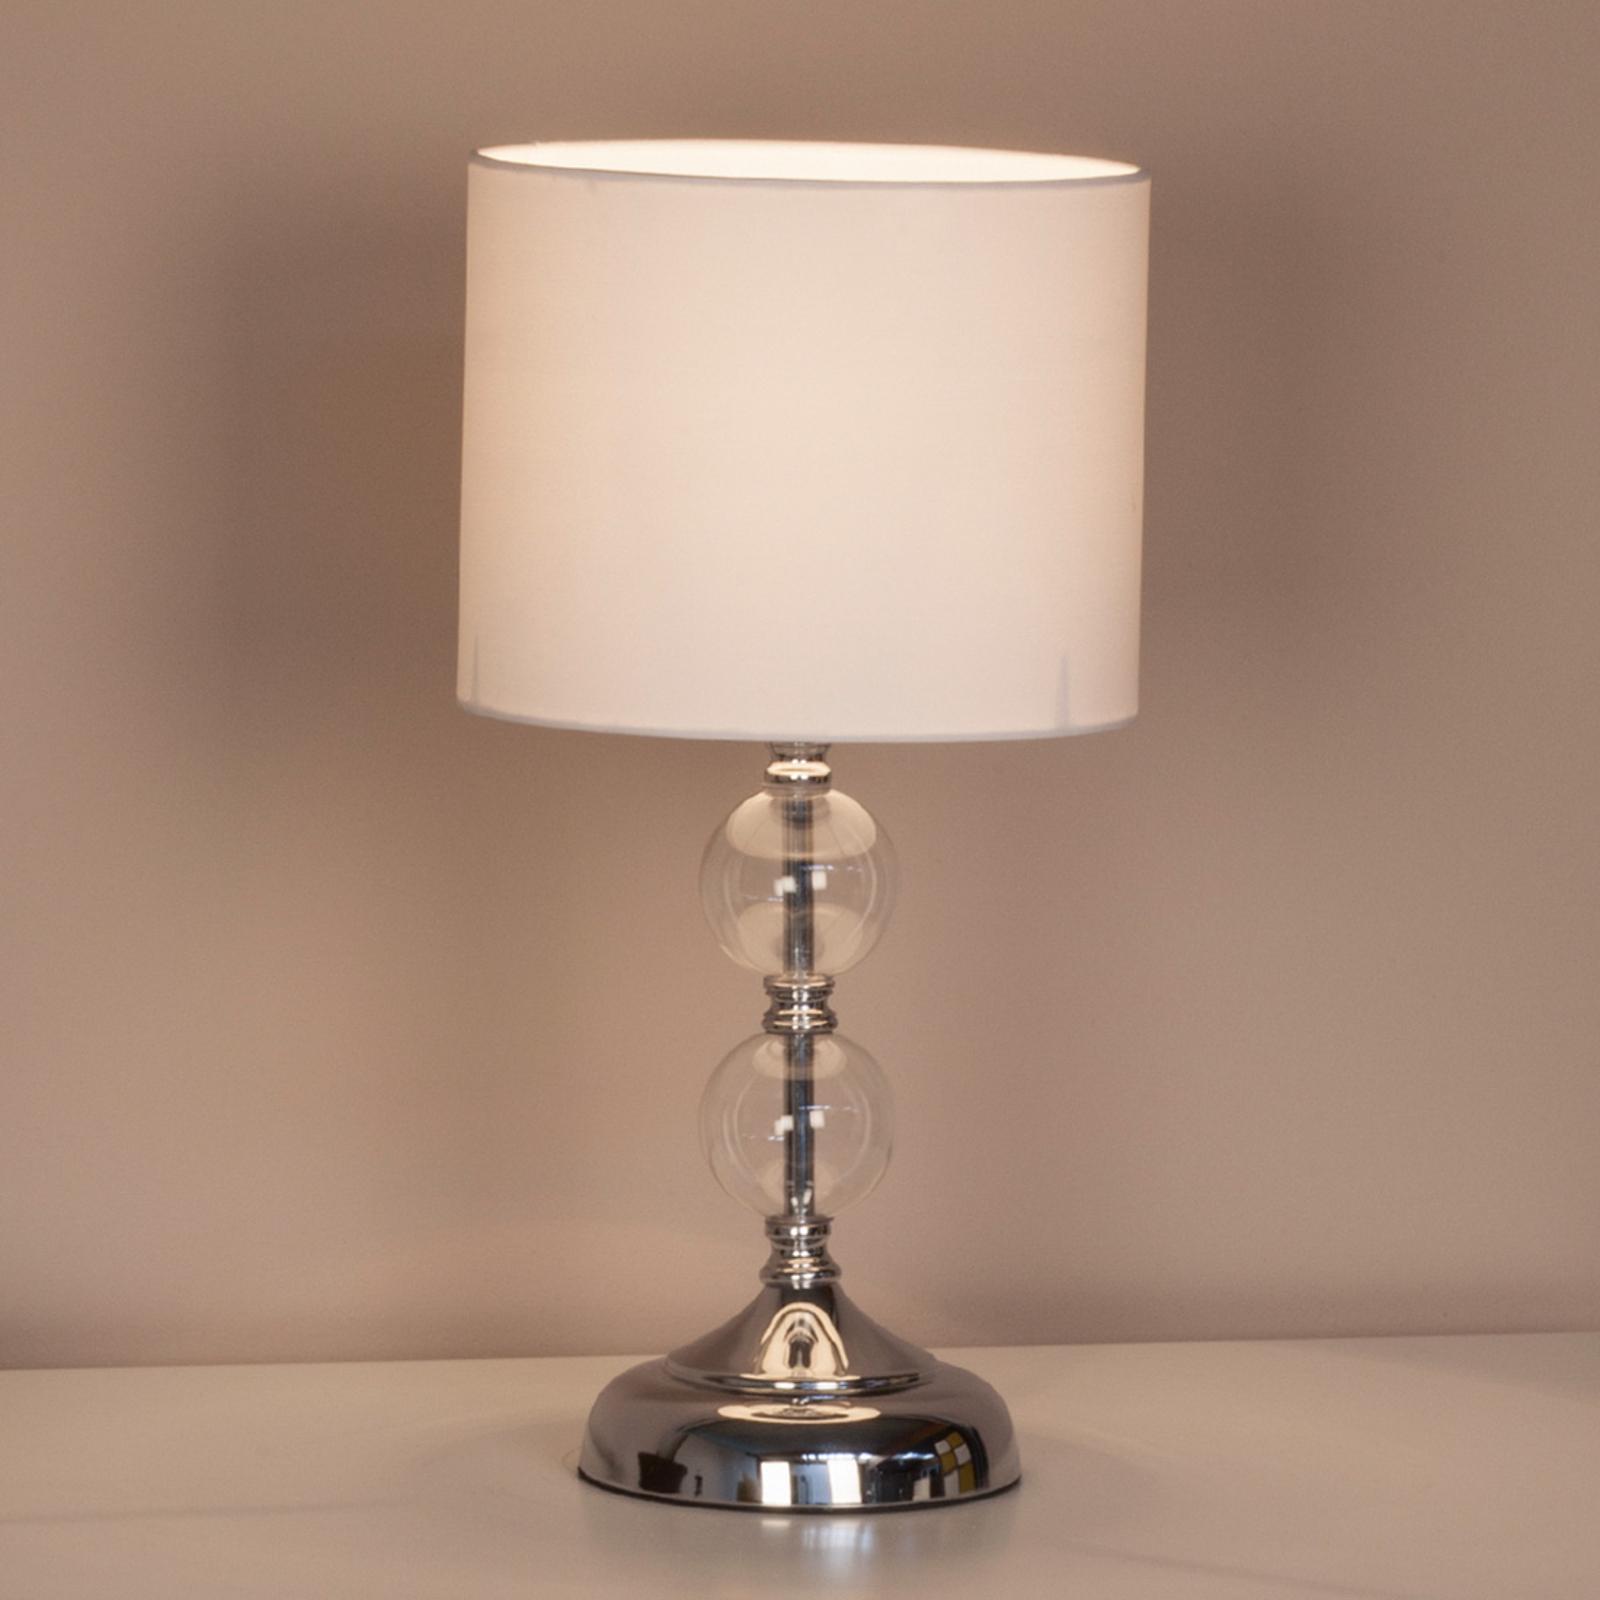 Dekorativní stolní lampa Rom s textilním deštníkem